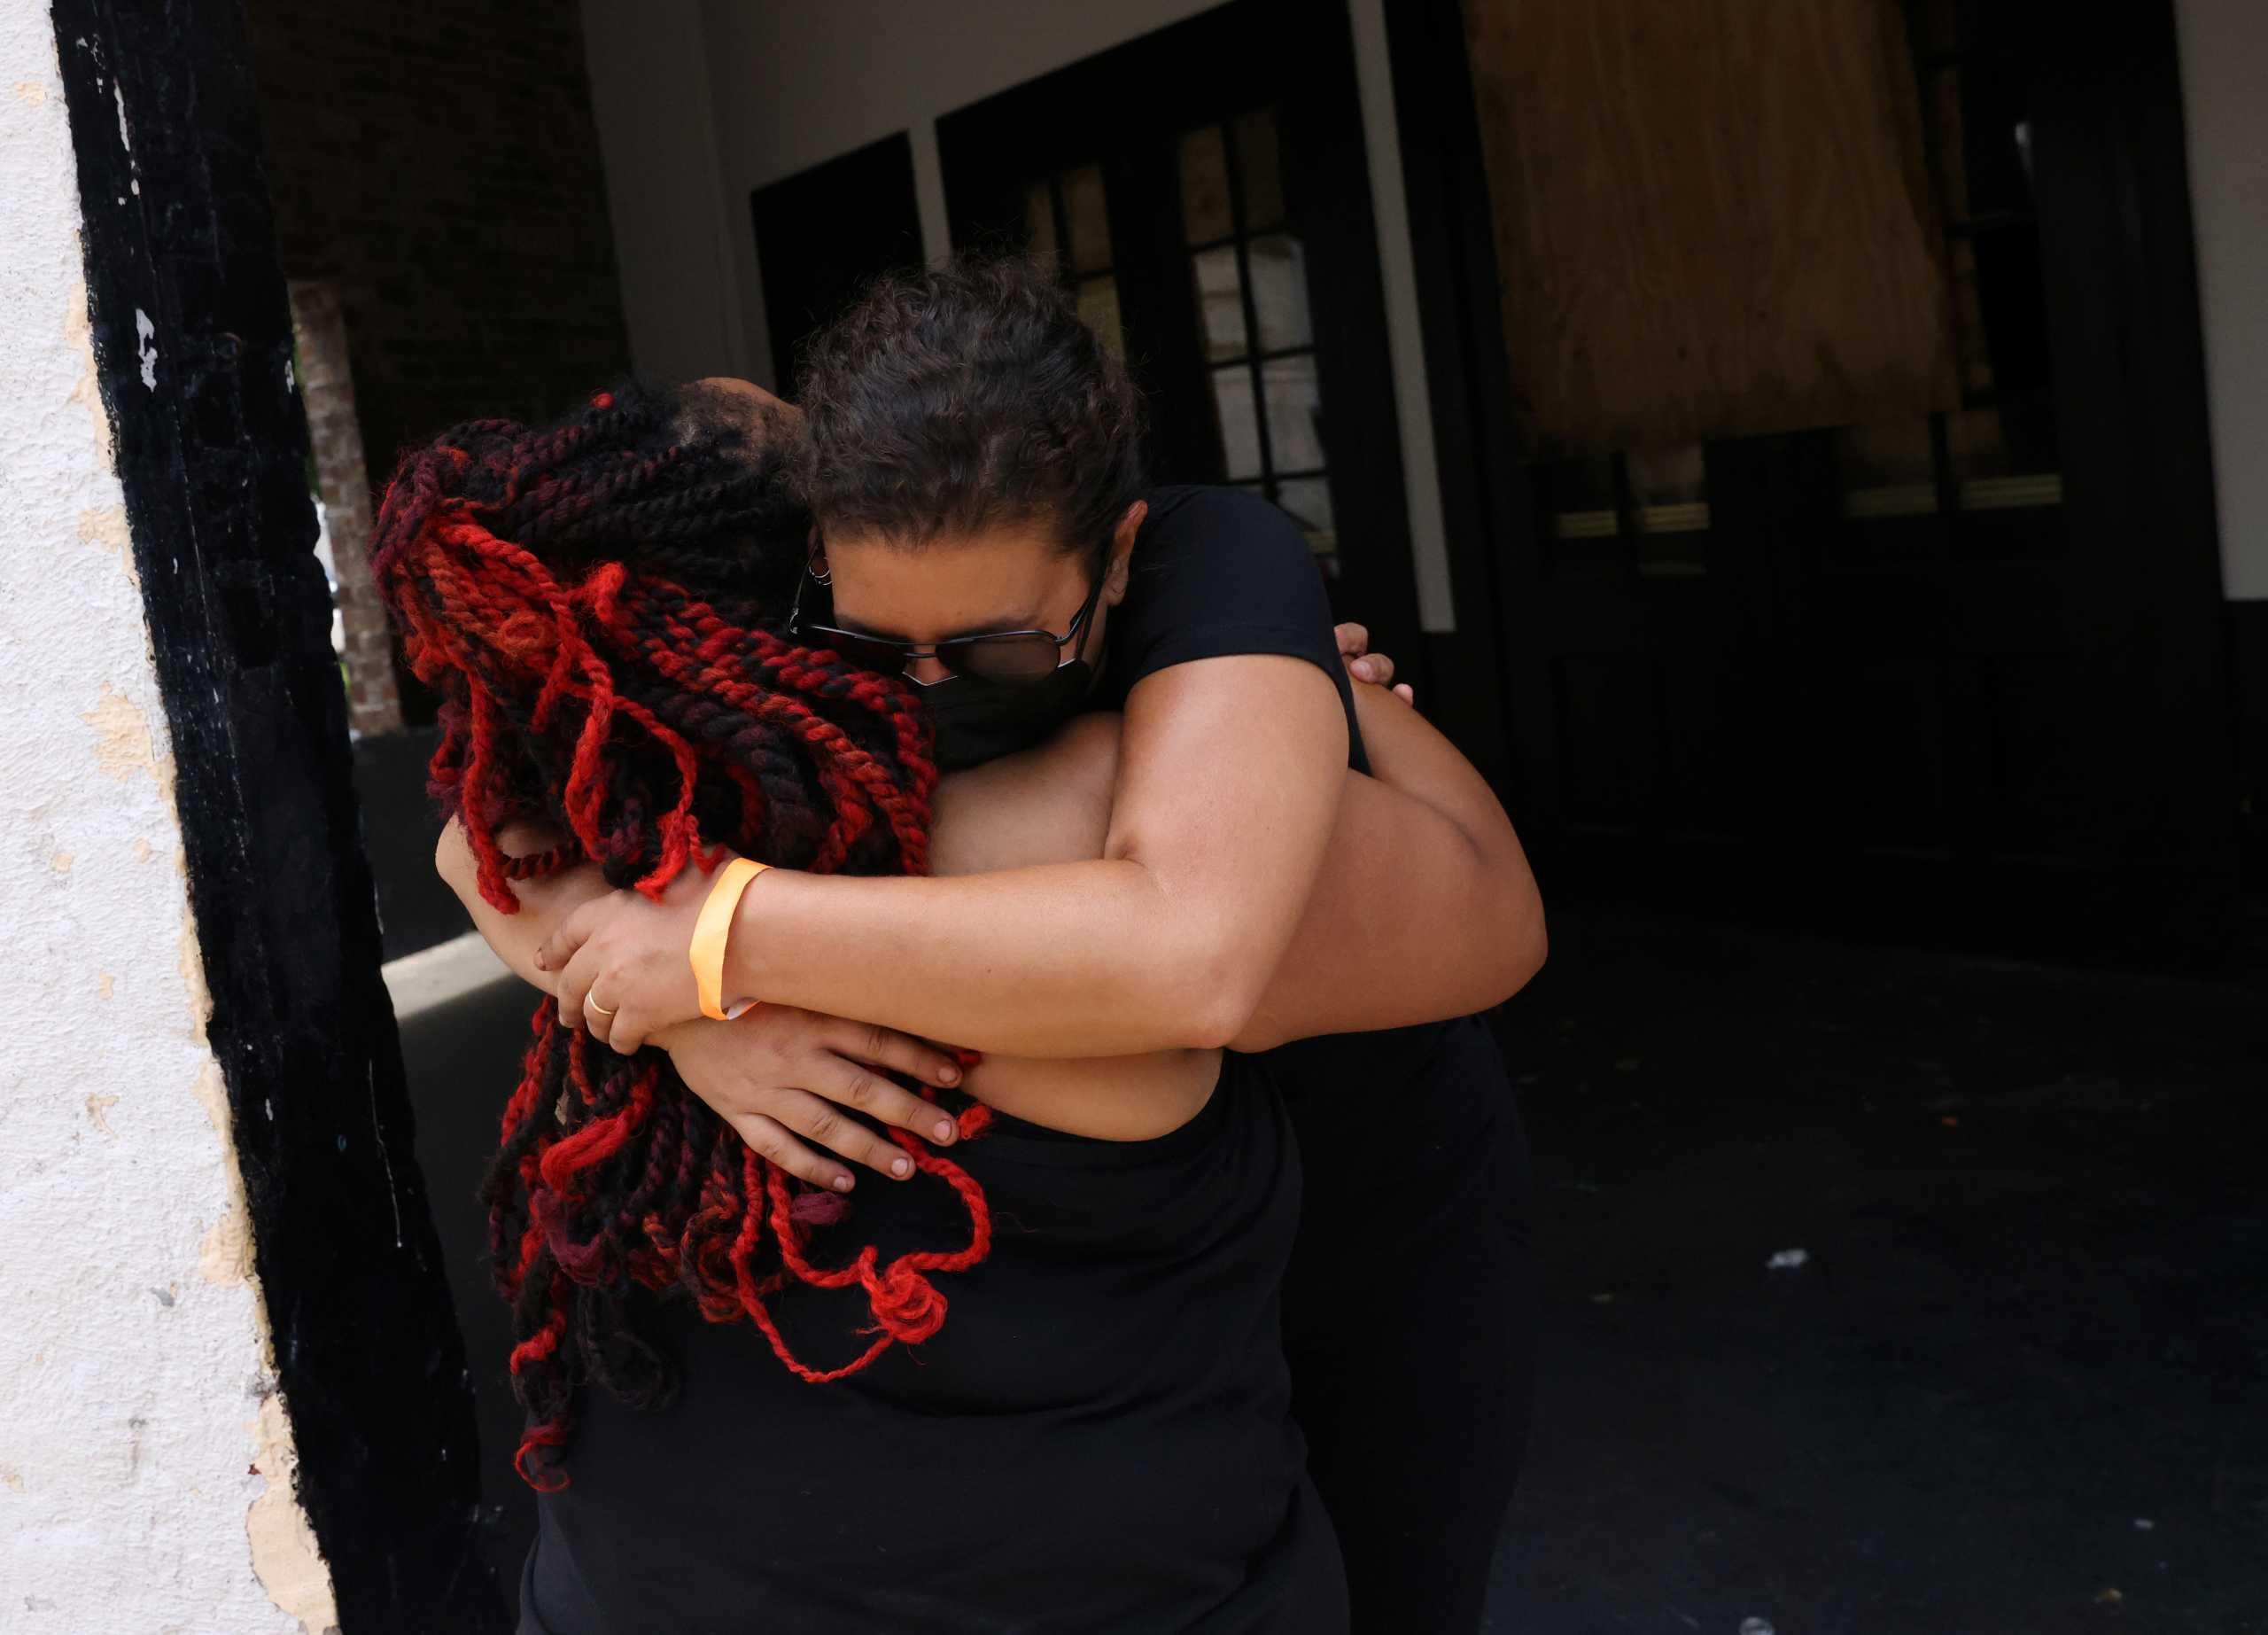 Σαρώνει τις ΗΠΑ ο κυκλώνας Άιντα – 12 οι νεκροί στη Λουιζιάνα και 718.500 νοικοκυριά χωρίς ρεύμα